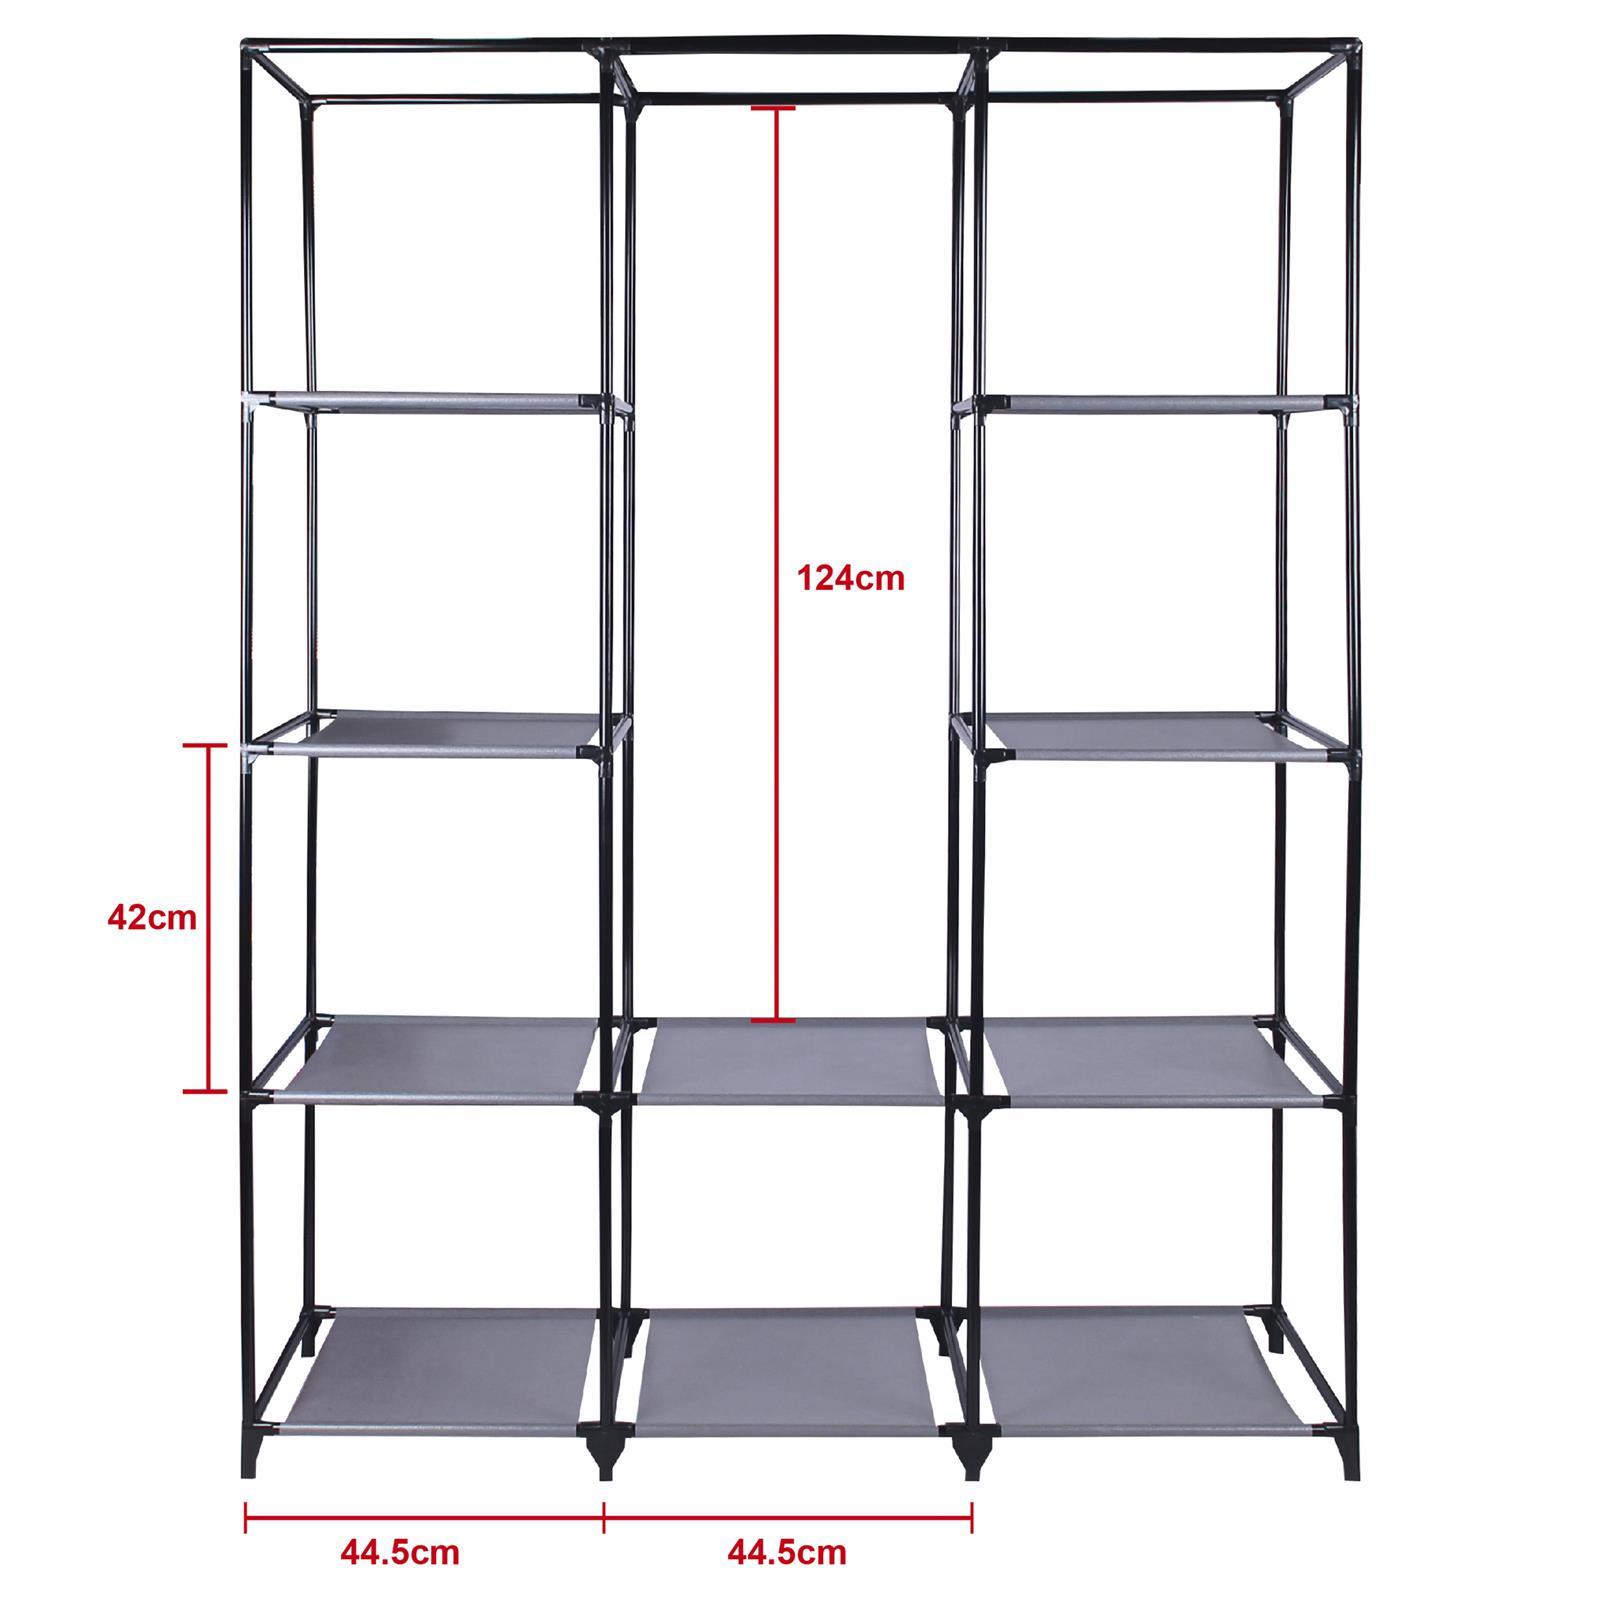 kleiderschrank steven 1 kleiderstange 9 regale mobilia24. Black Bedroom Furniture Sets. Home Design Ideas